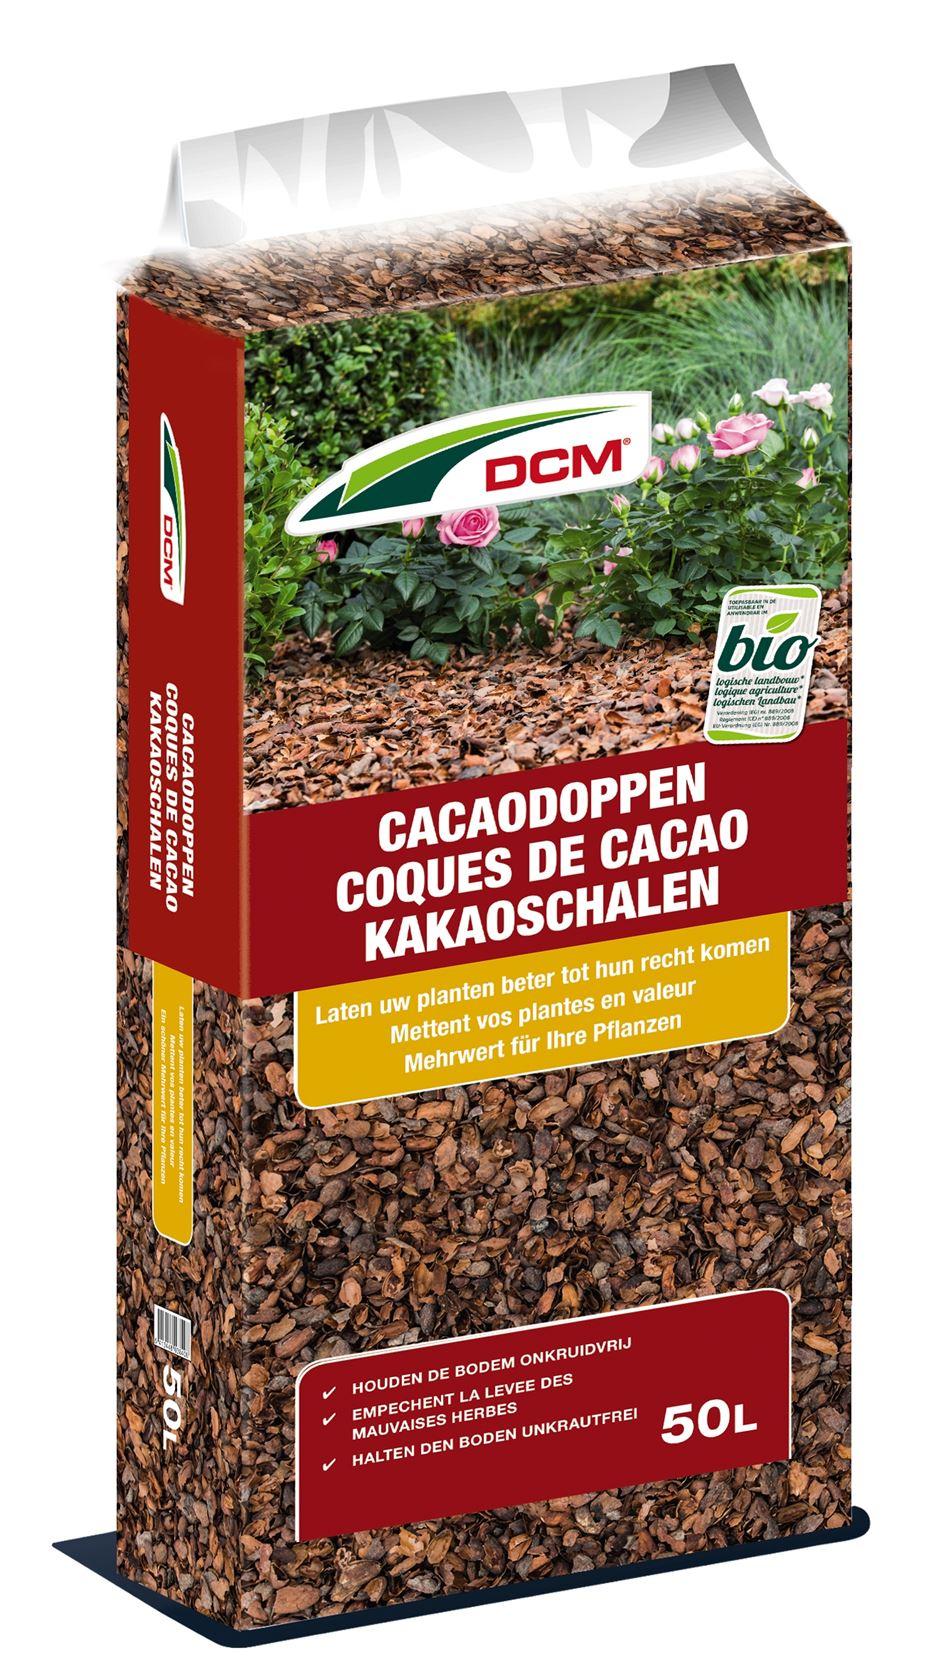 DCM cacaodoppen 50L - Bio